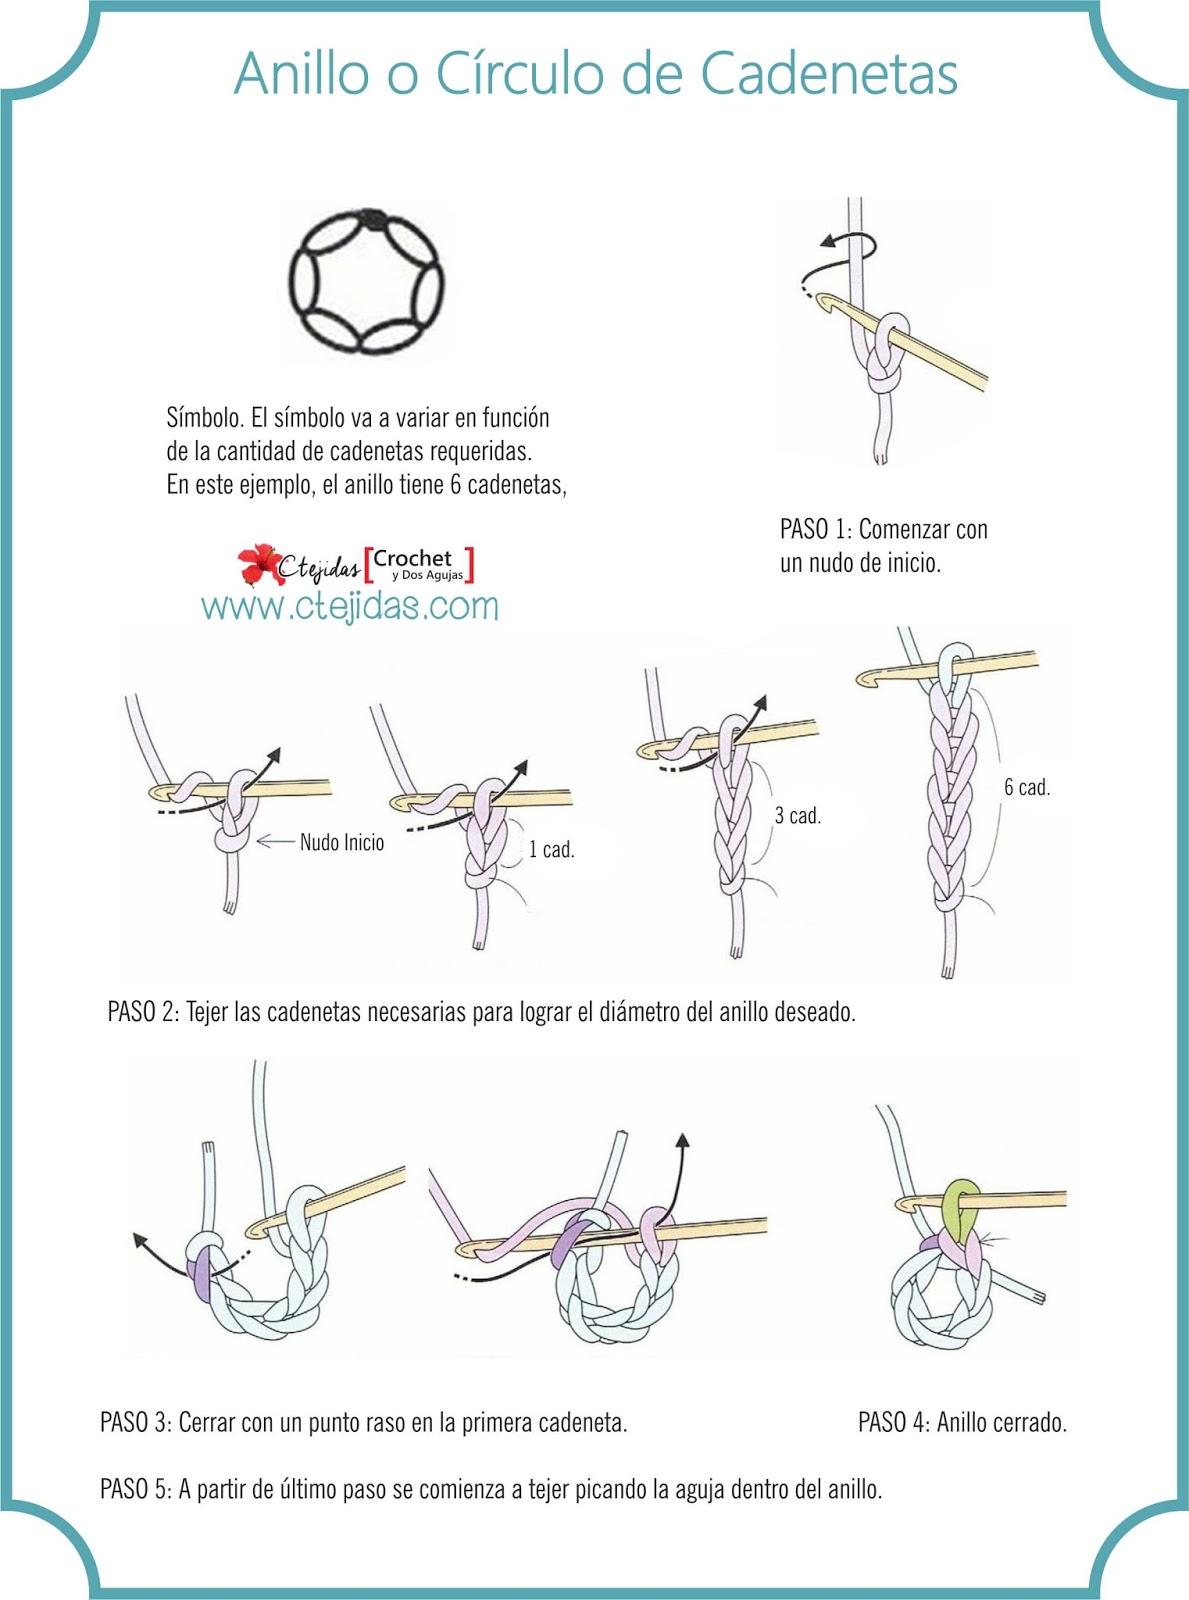 Cómo tejer un círculo de cadenetas